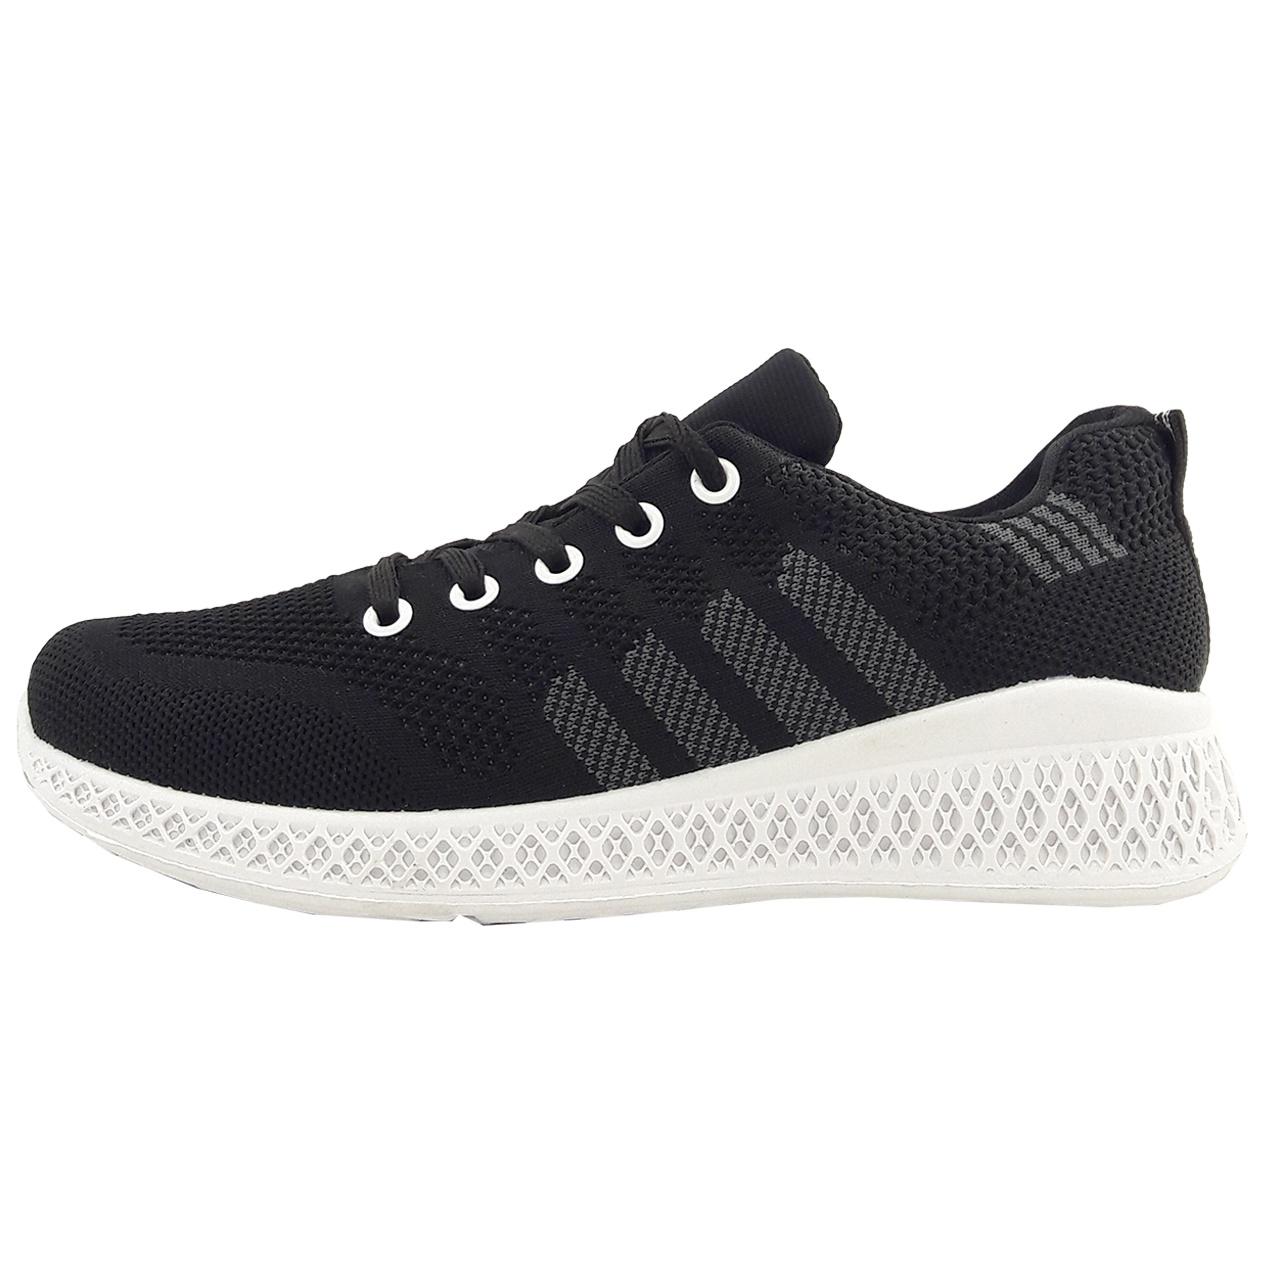 کفش مخصوص پیاده روی زنانه مدل Fs.4li.bl01